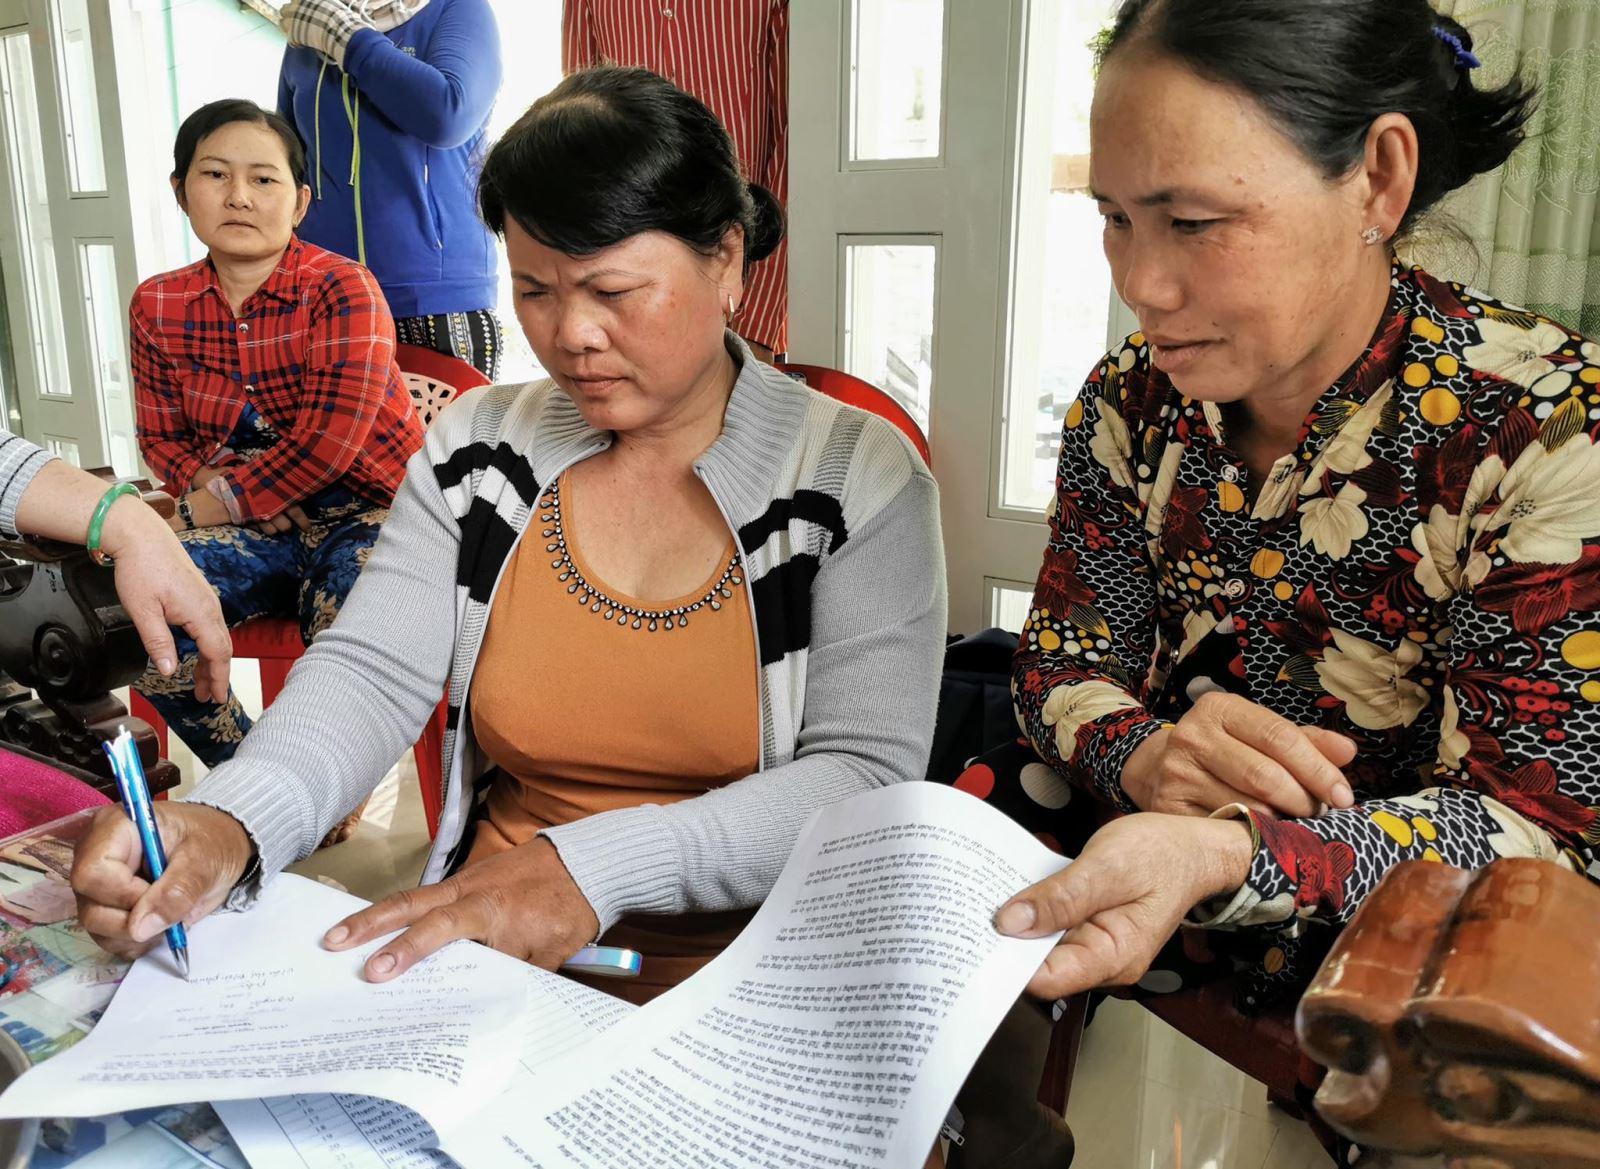 Cần Thơ: Hàng chục người tố cựu Chi hội trưởng phụ nữ không trả tiền hụi gần 5,5 tỷ đồng